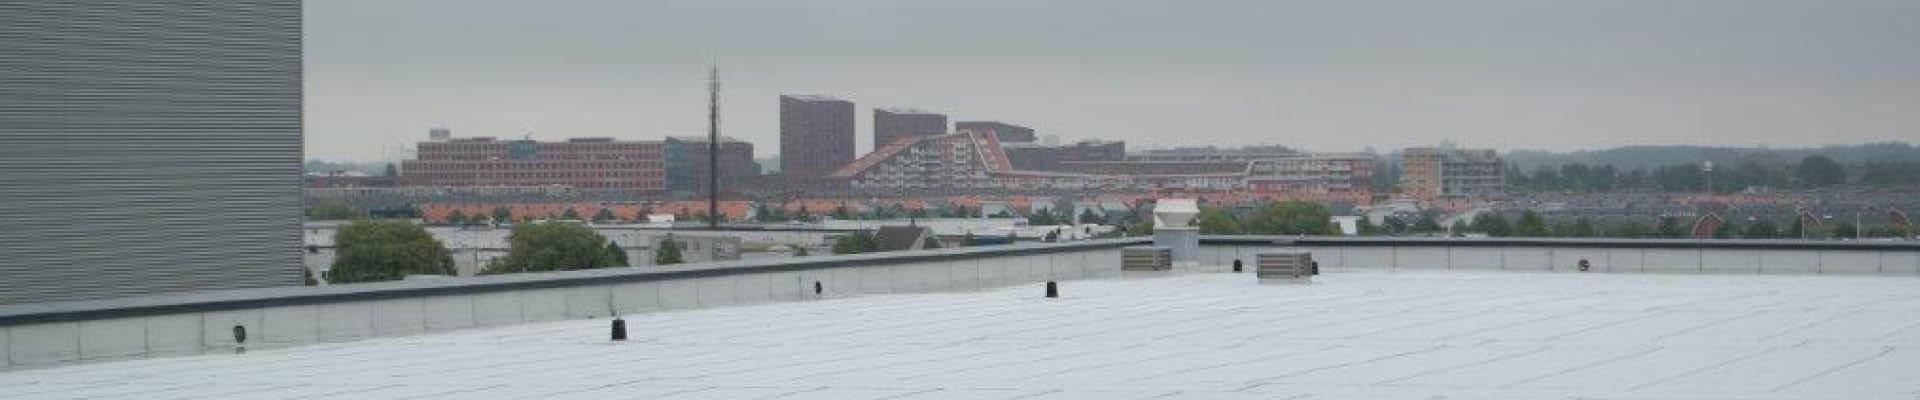 Hizkia Van Kralingen dakbedekking voor kunstopslag